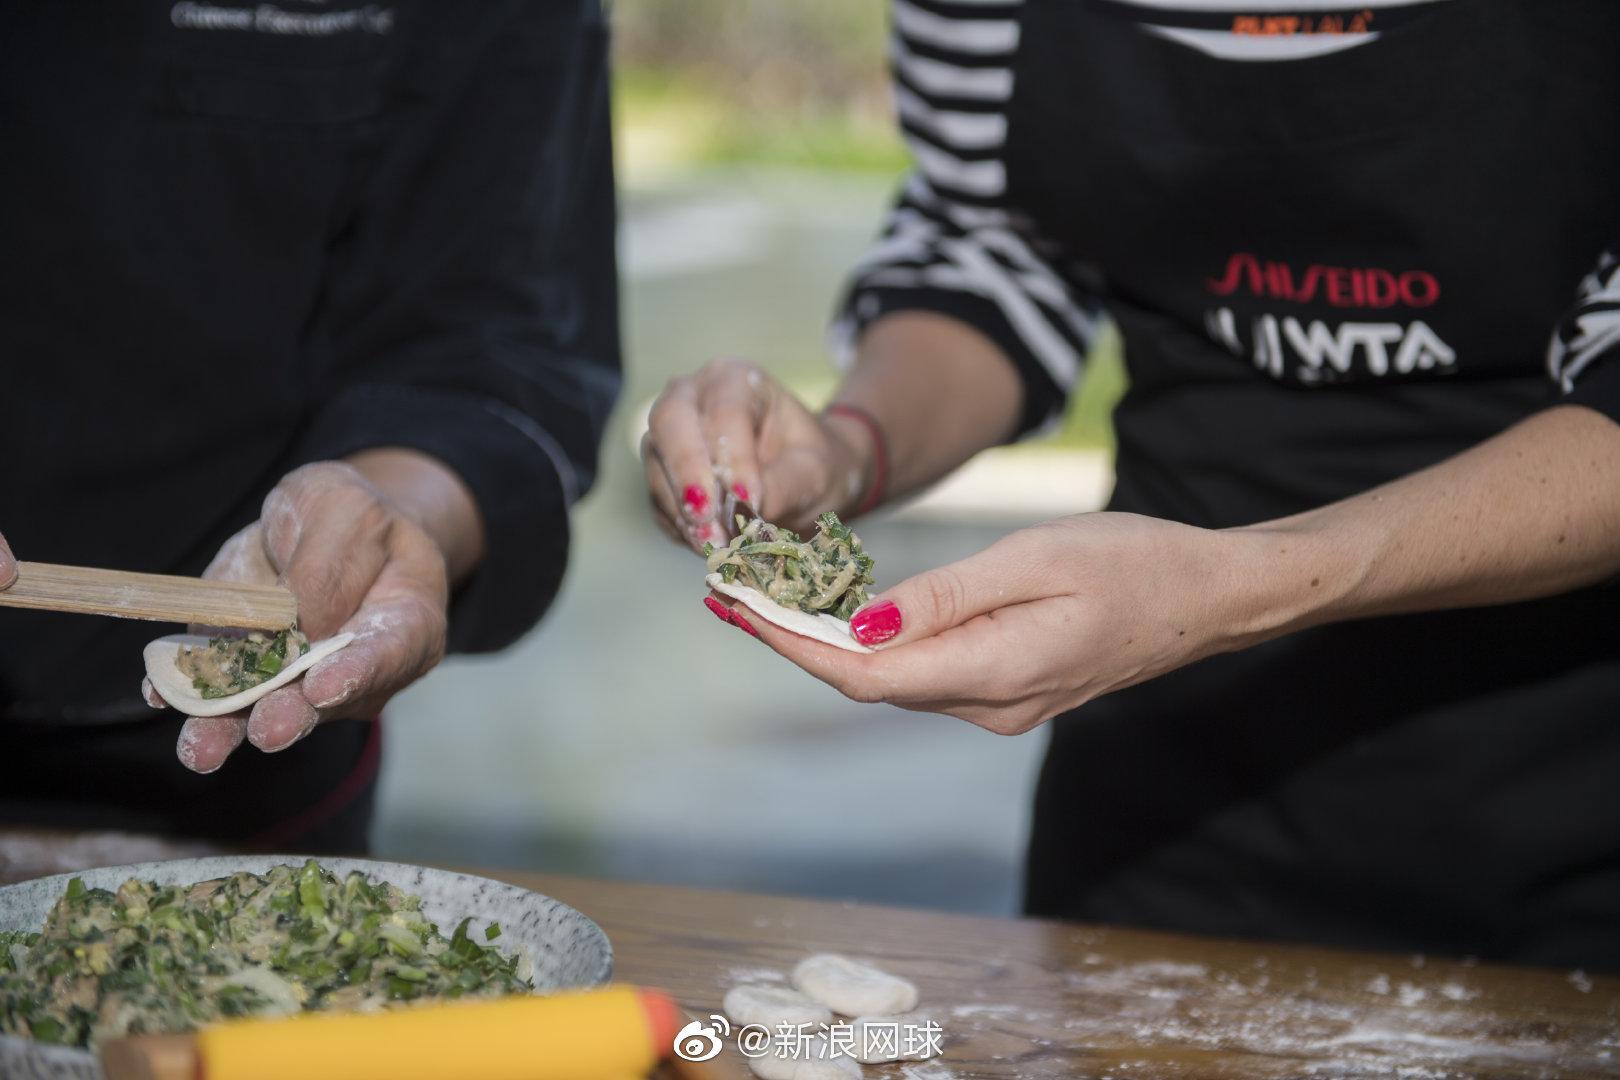 深圳总决赛,A-拉德万斯卡学包饺子: